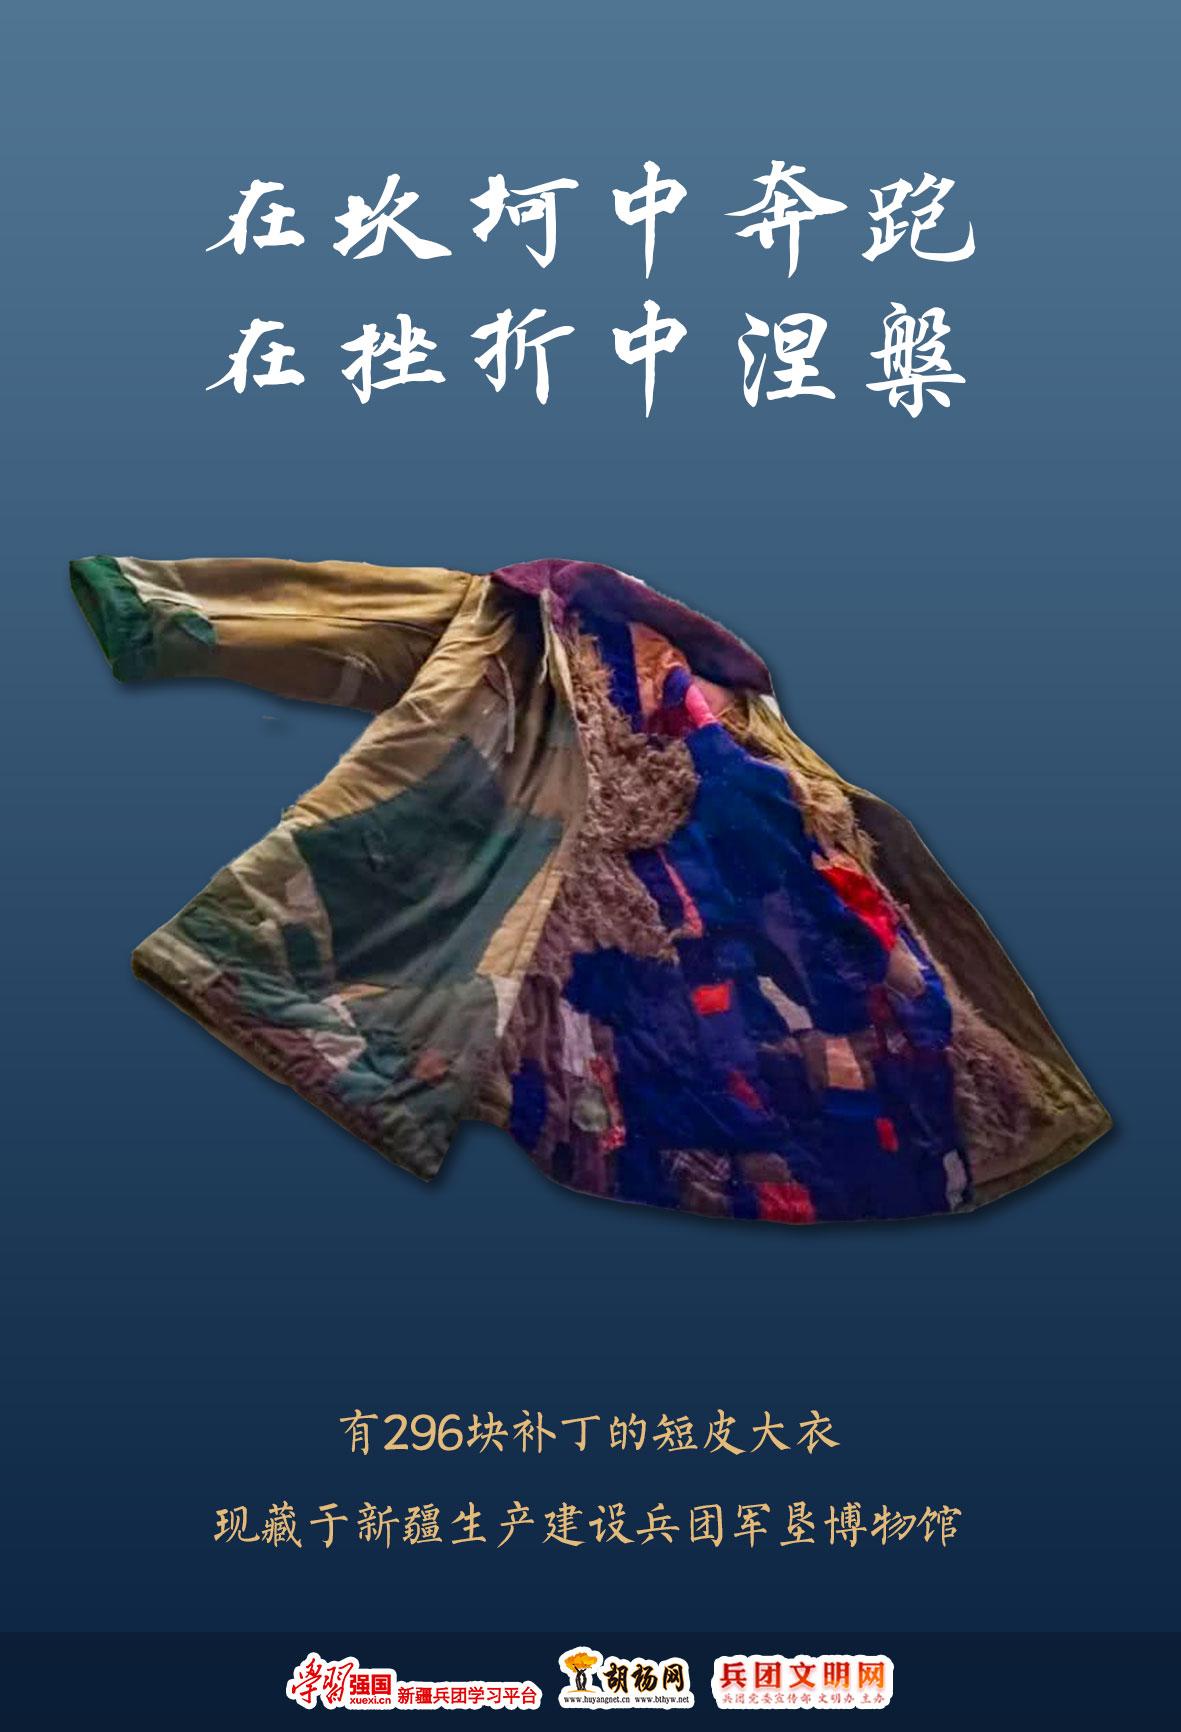 胡杨原创·国际博物馆日 | 这些文物有话要说